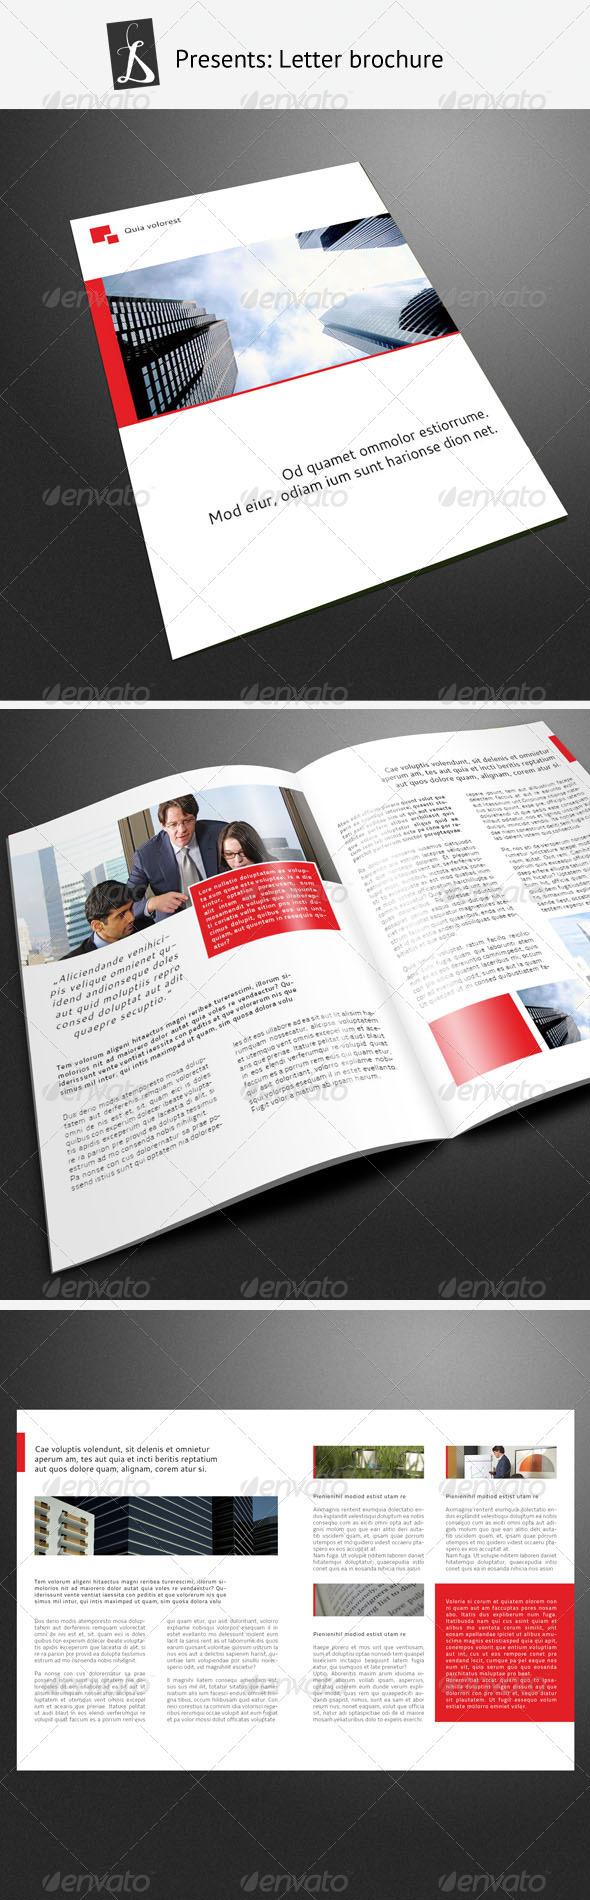 Corporate Brochure 7 - Corporate Brochures